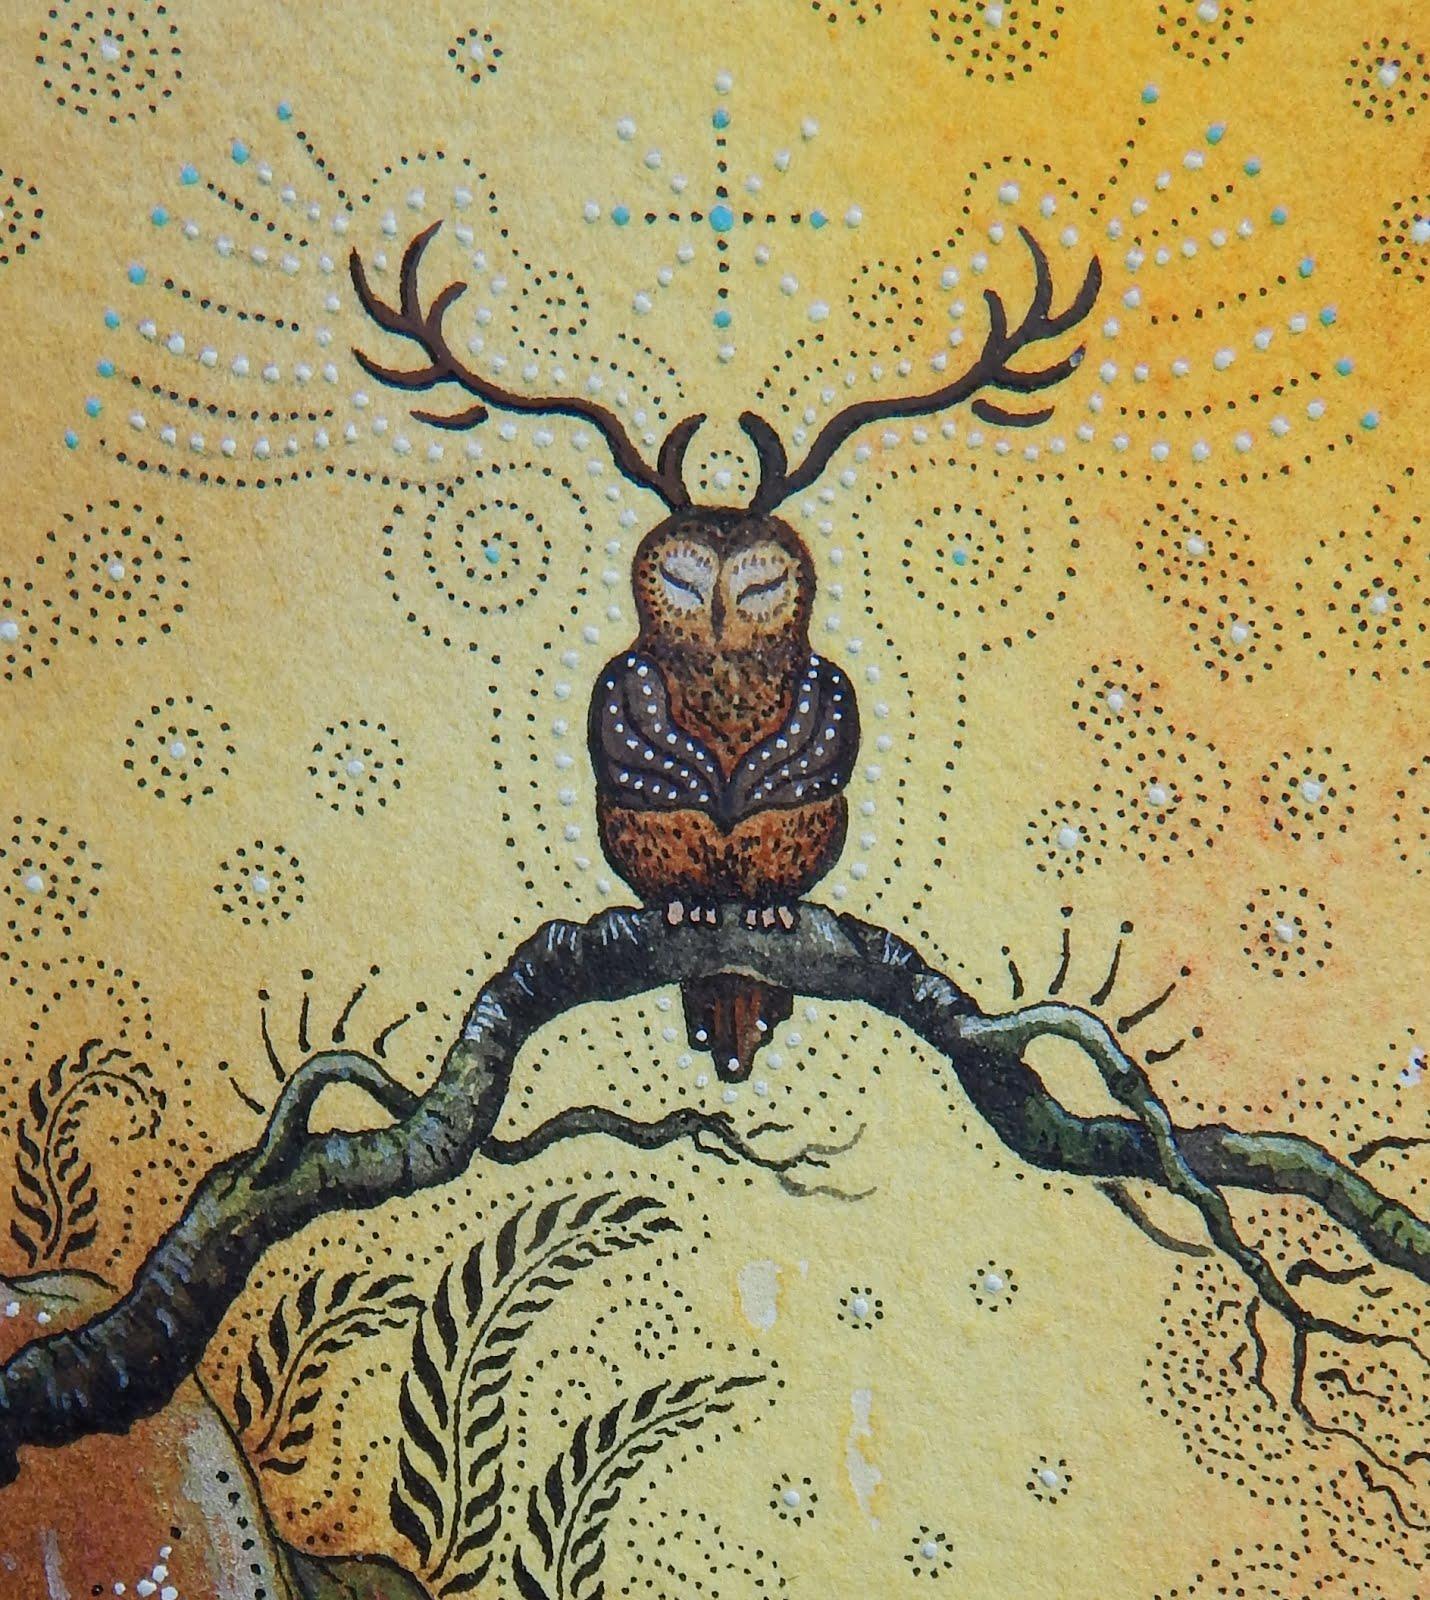 Tashi Owl